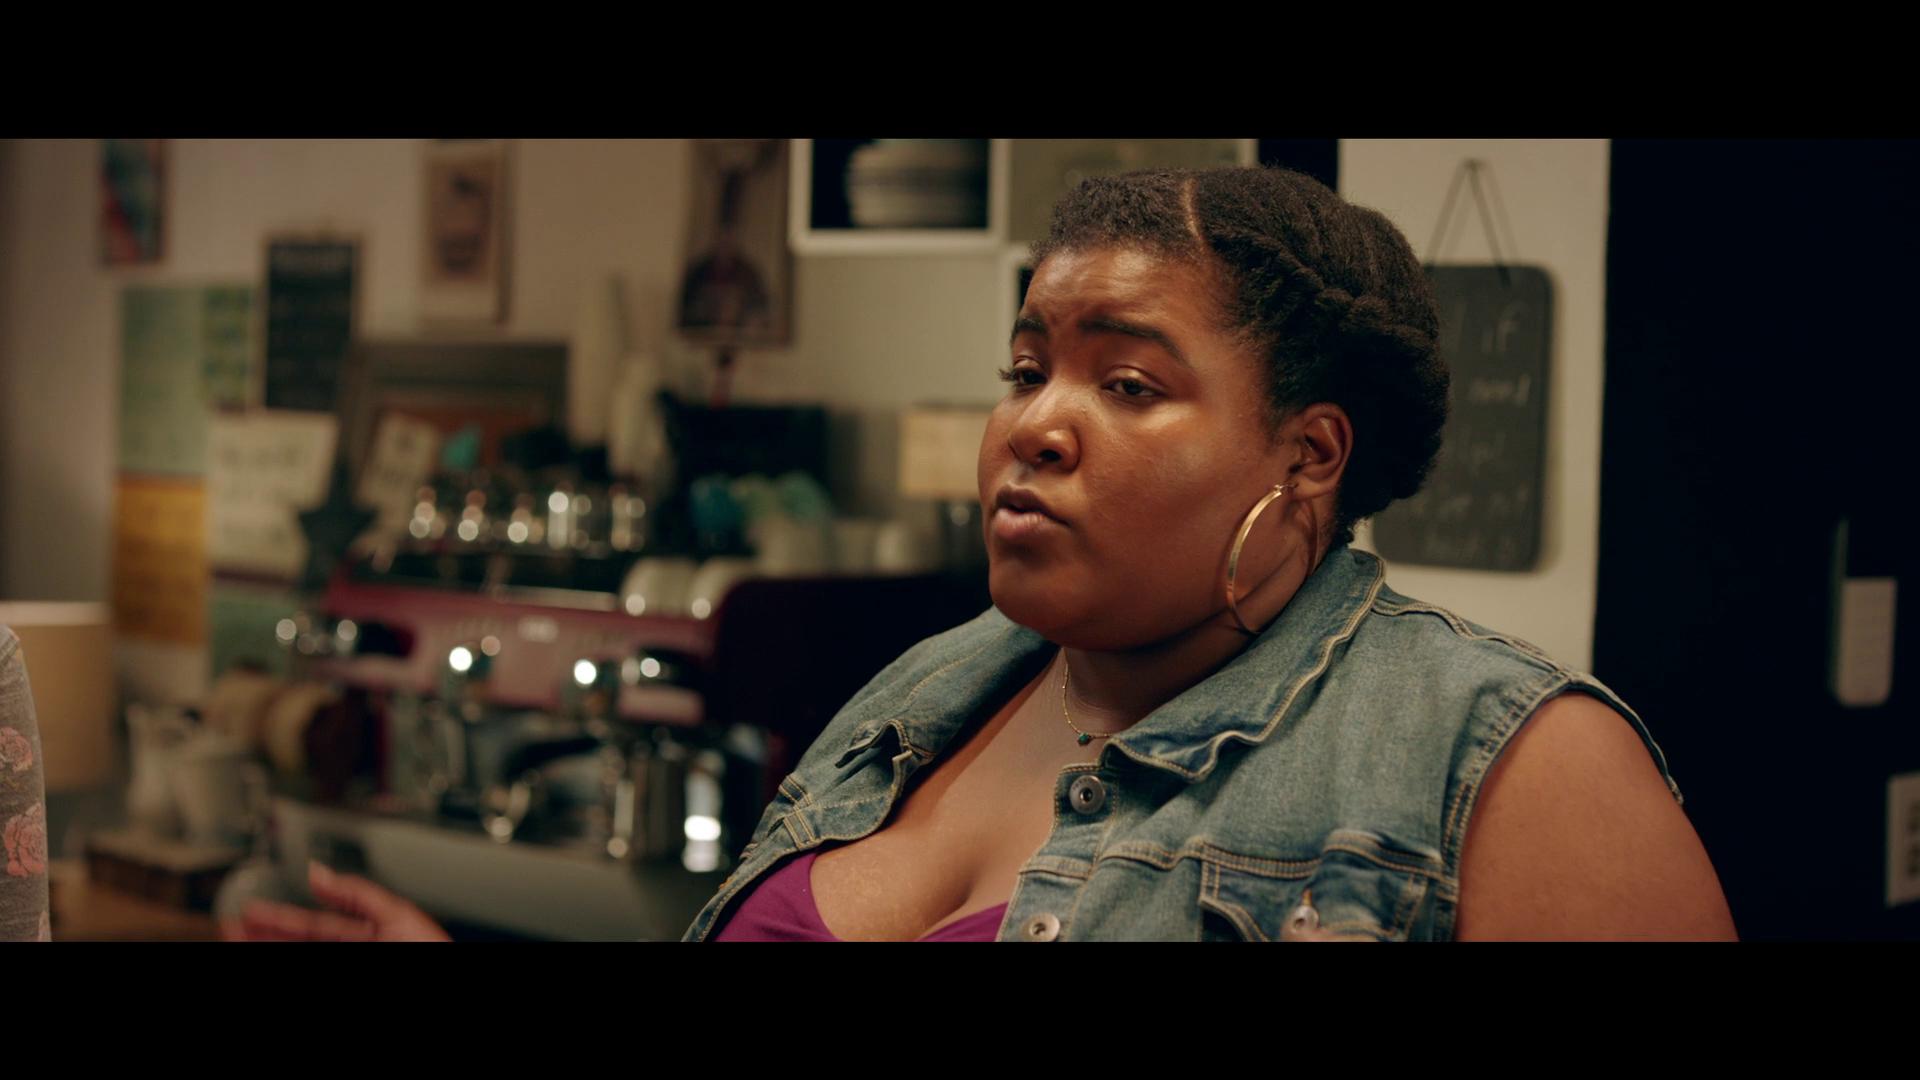 Pelea de chicas (2020) 1080p Remux Latino